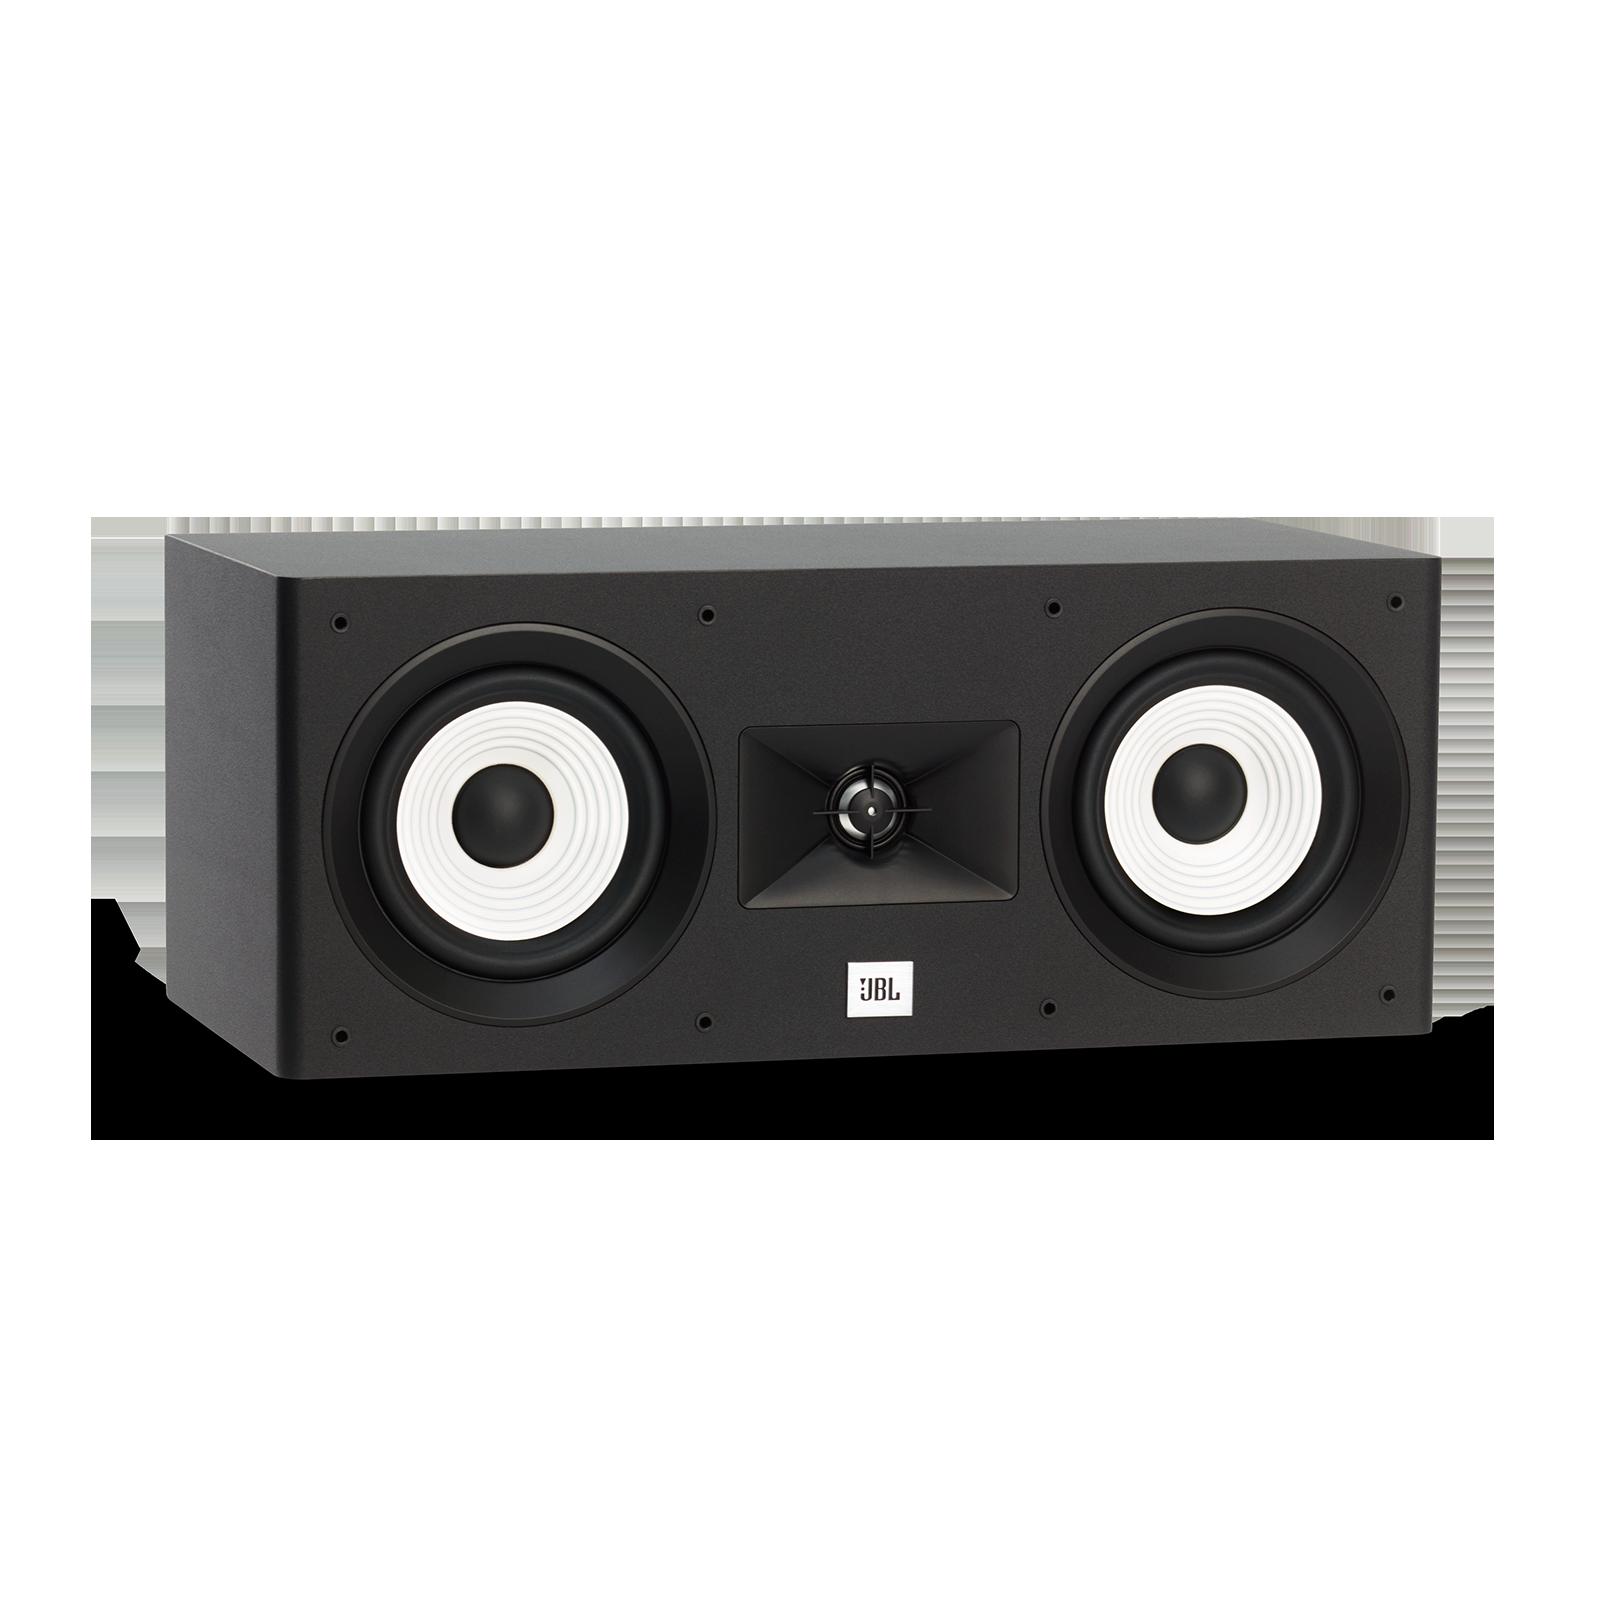 jbl stage a125c home audio loudspeaker system. Black Bedroom Furniture Sets. Home Design Ideas